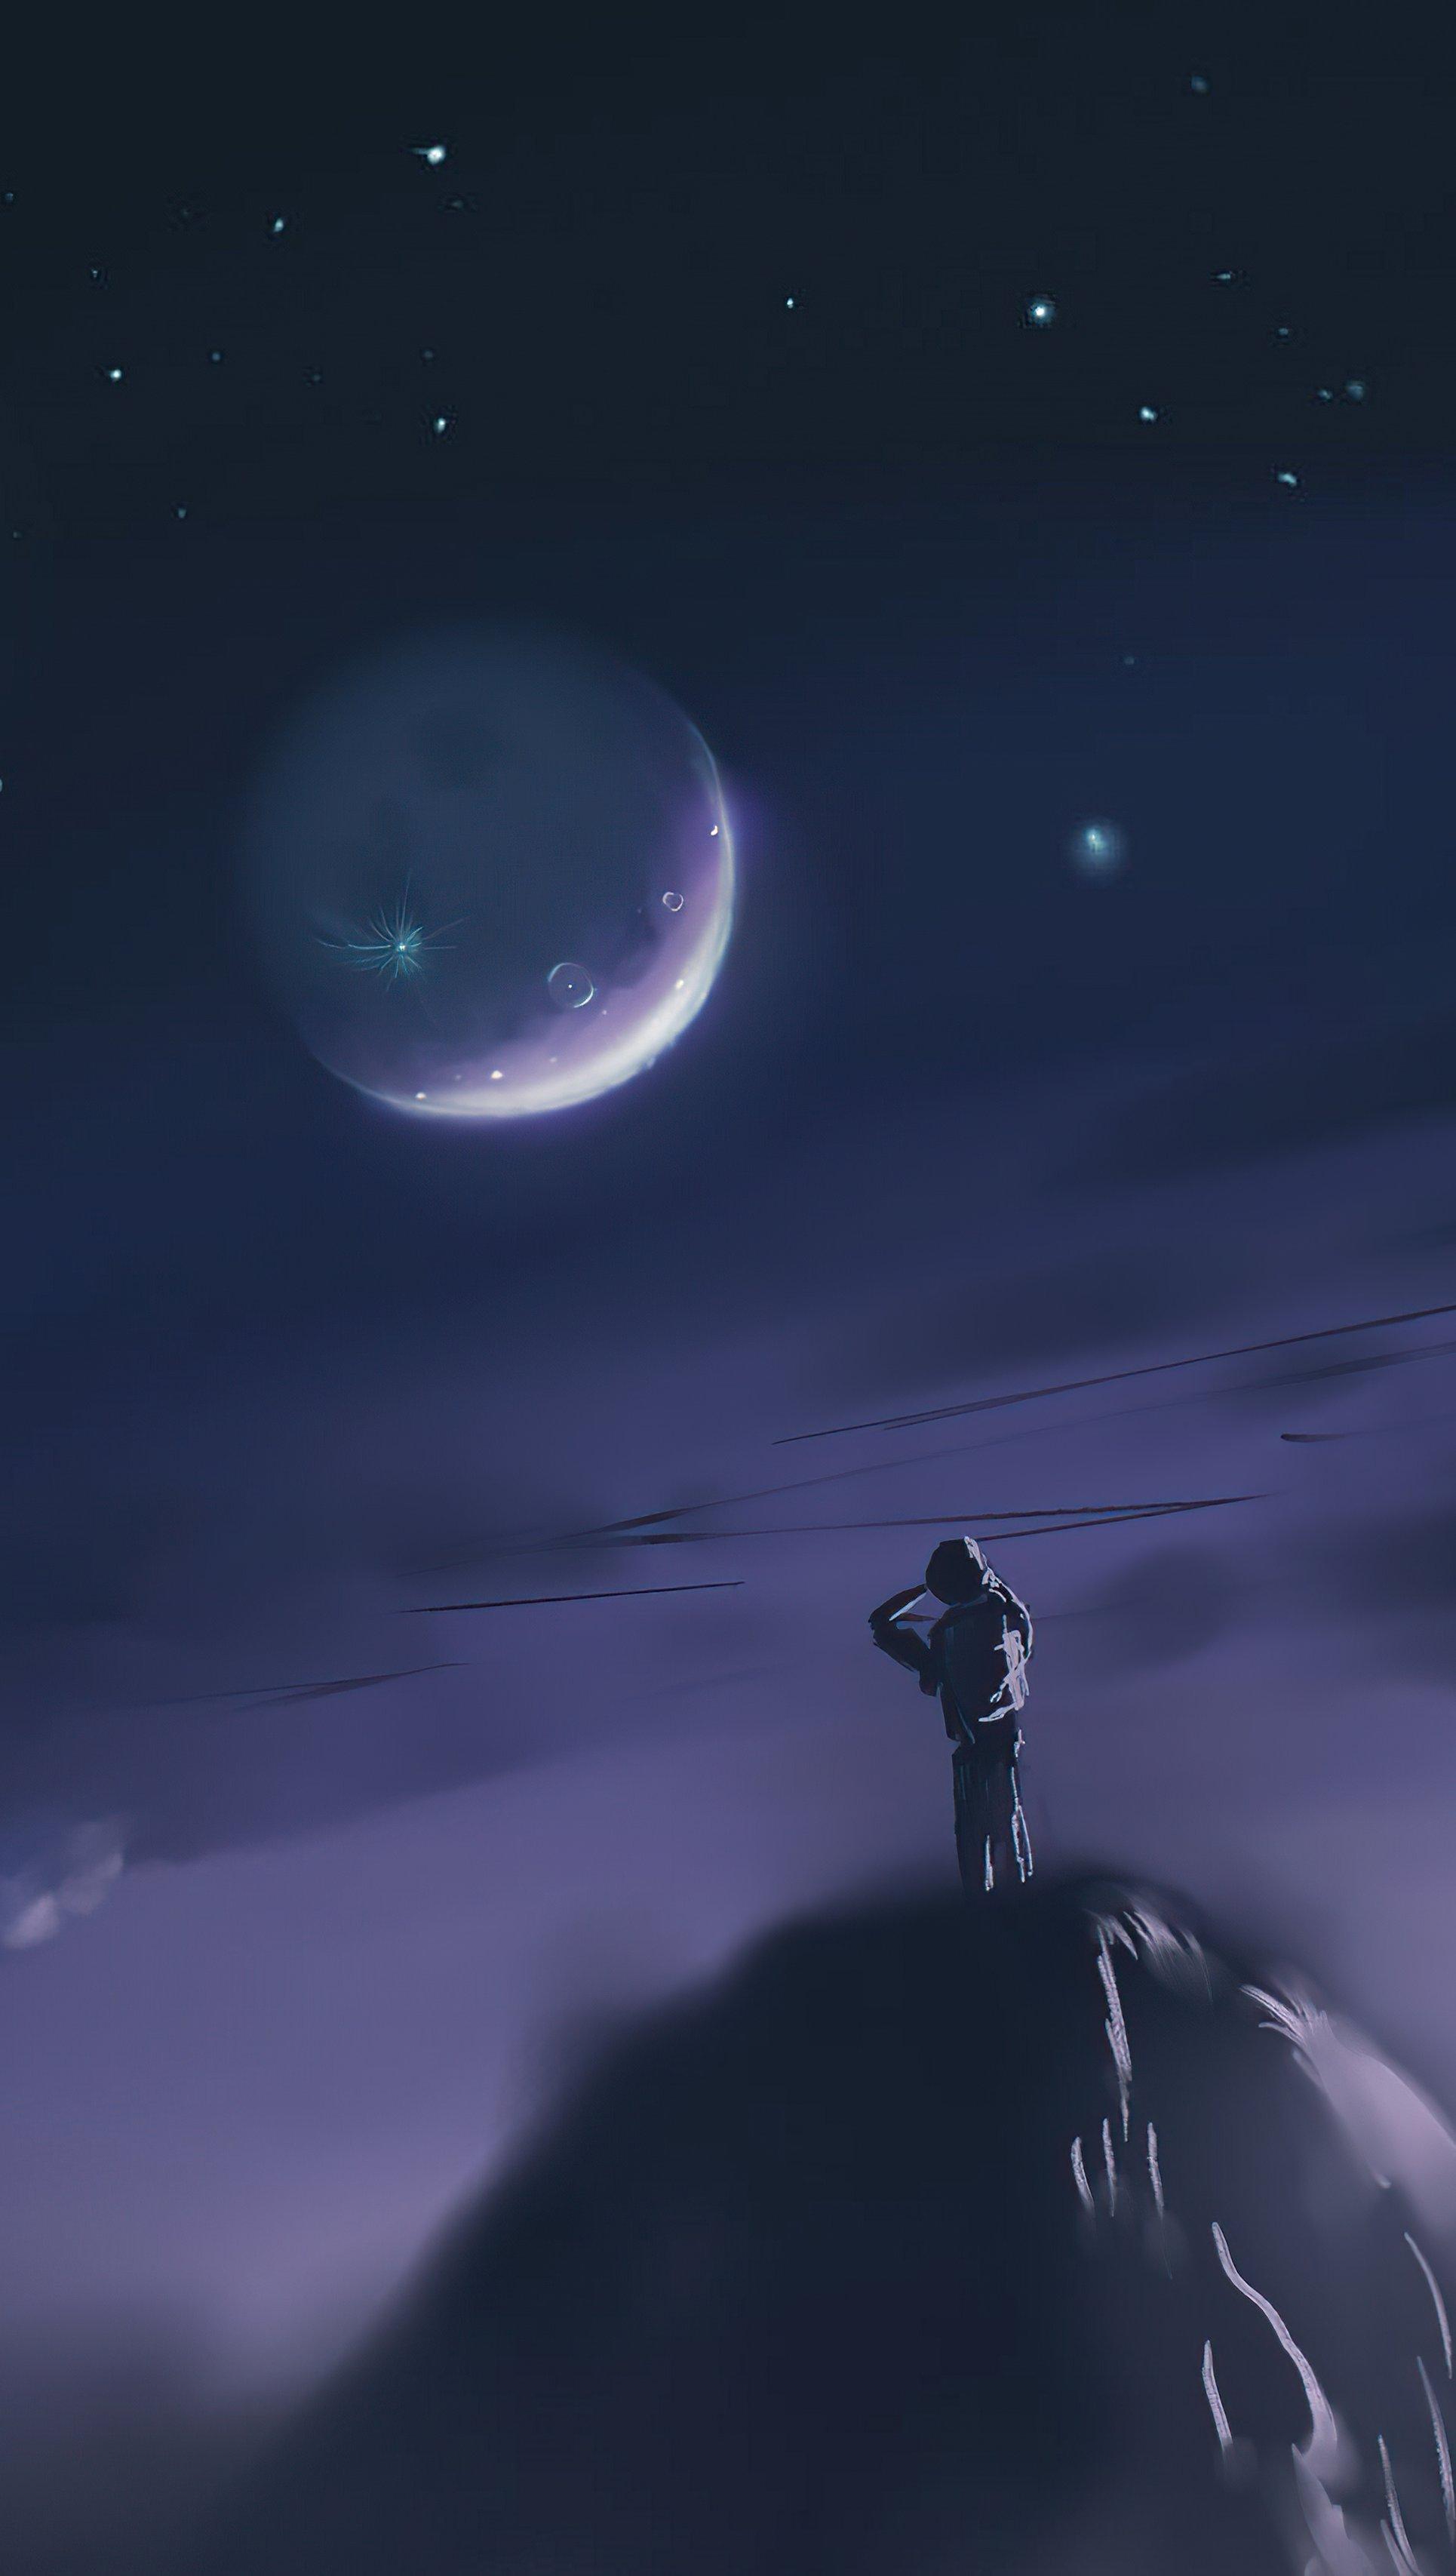 Fondos de pantalla Hombre sobre montaña mirando a la luna Arte Digital Vertical